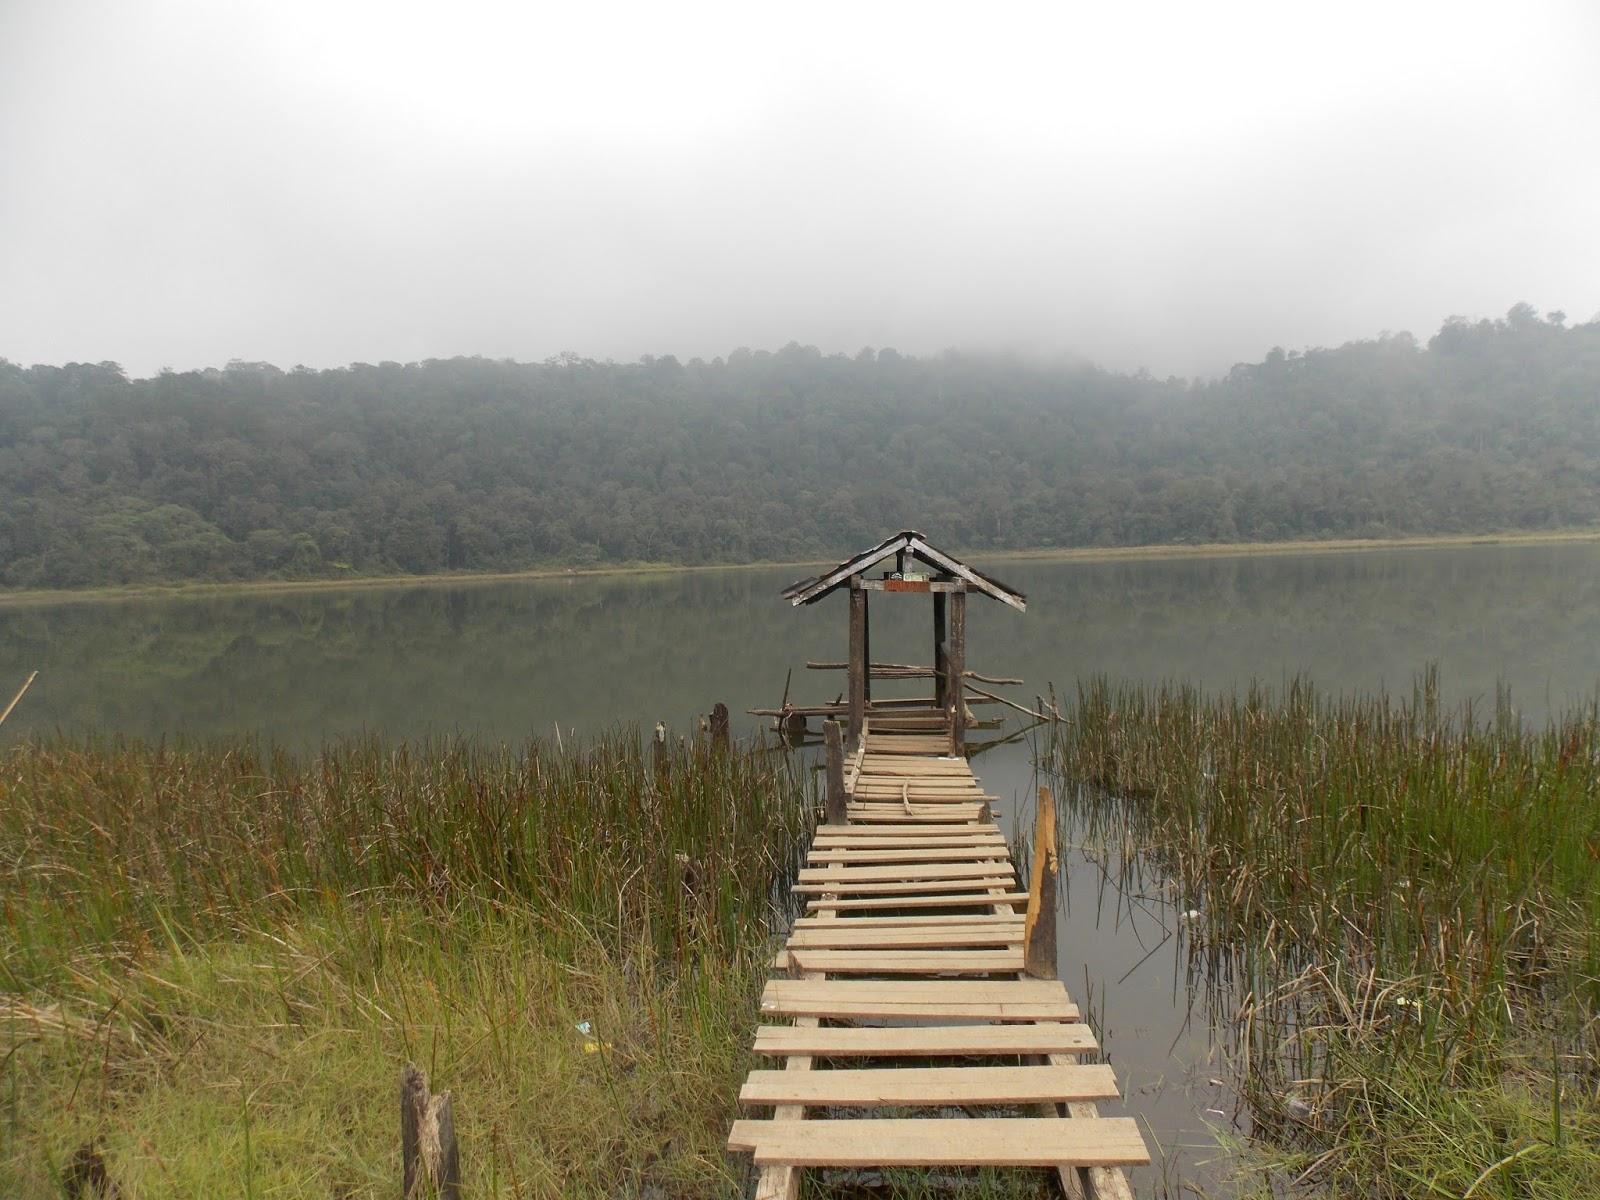 Pendakian Gunung Argopuro Baderan Bremi Chapter 4 Traveler Minim Dana